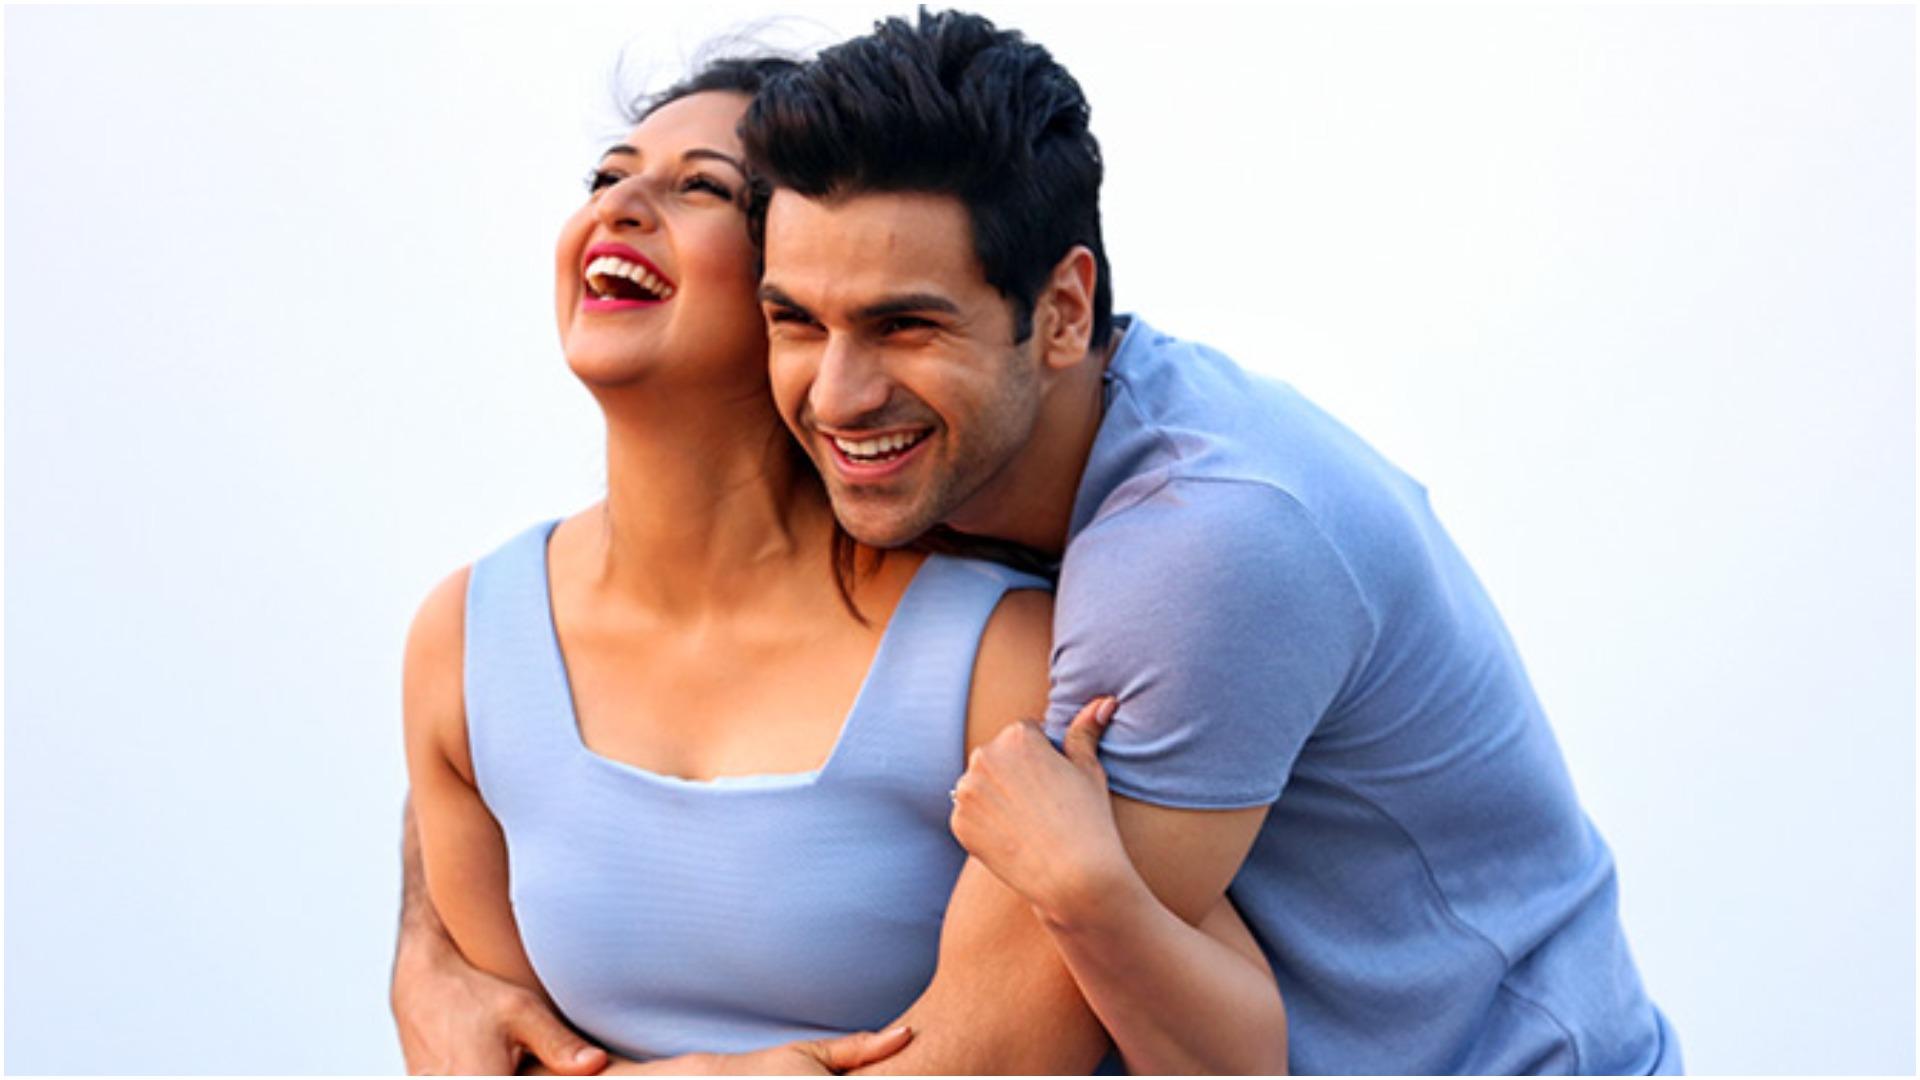 एक्सक्लूसिव: जब विवेक दहिया ने कहा दूसरों की बीवी को रोमांस करना है आसान, ऐसा था दिव्यांका त्रिपाठी का रिएक्शन